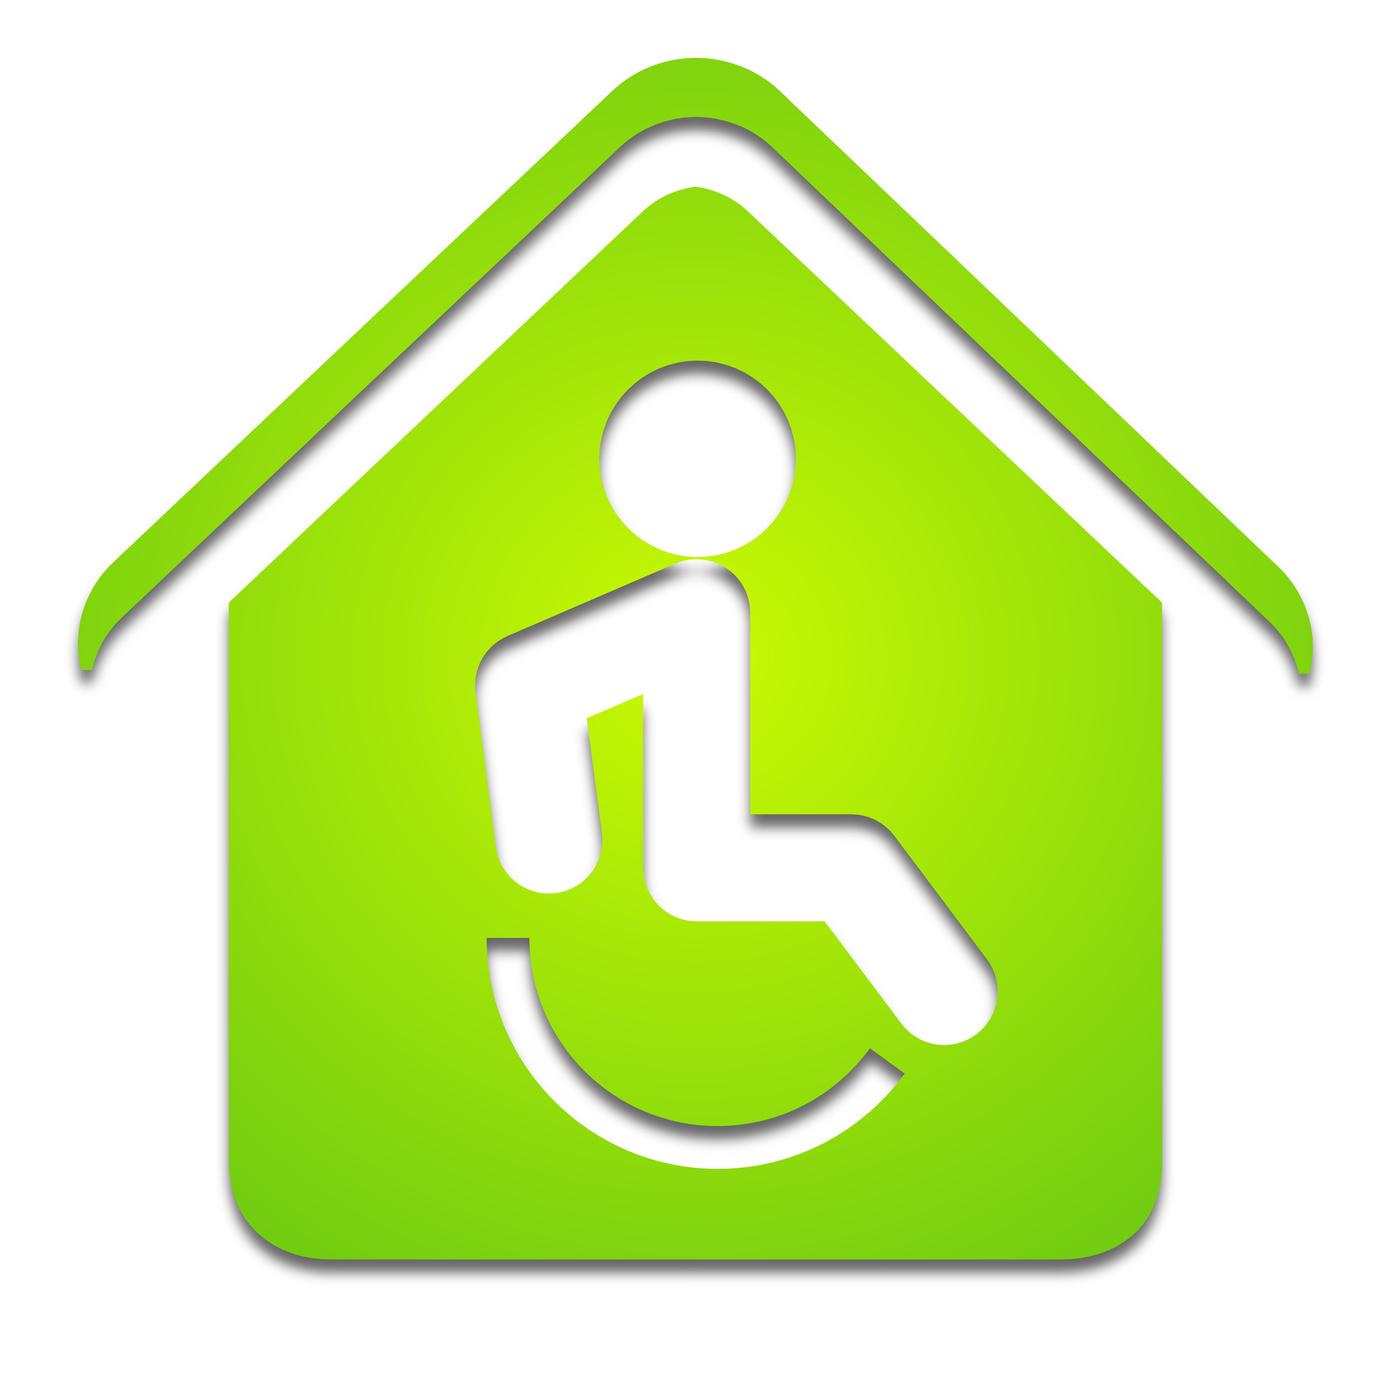 Adaptez votre logement locatif pour le rendre attractif